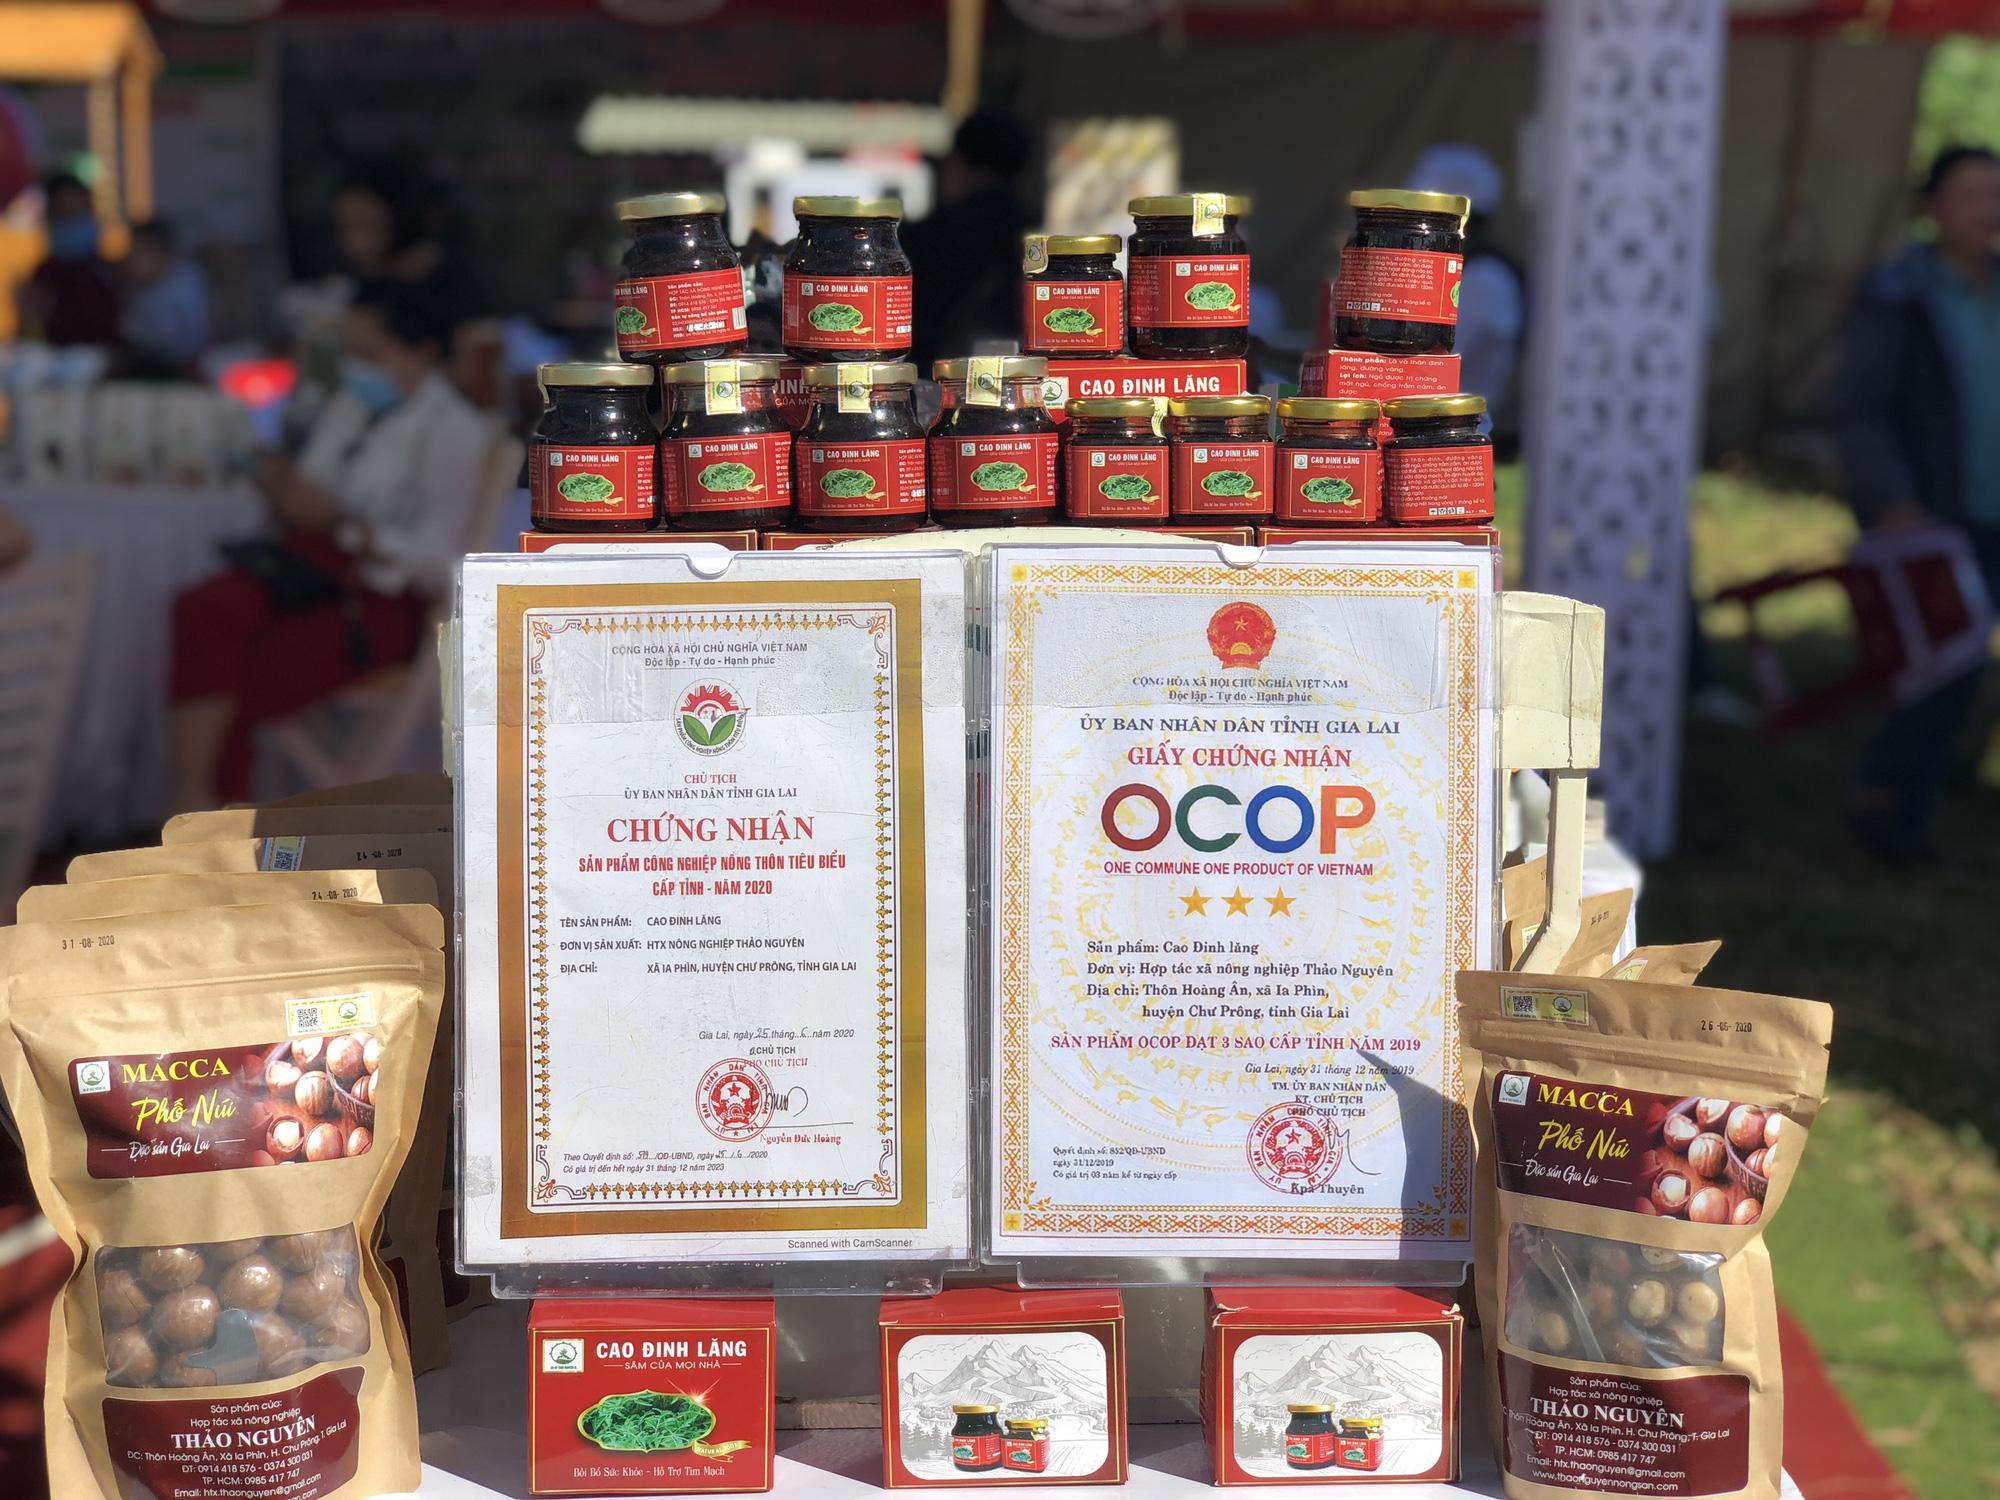 Đa dạng các sản phẩm OCOP tại các lễ hội, kết nối sản xuất với tiêu dùng - Ảnh 3.